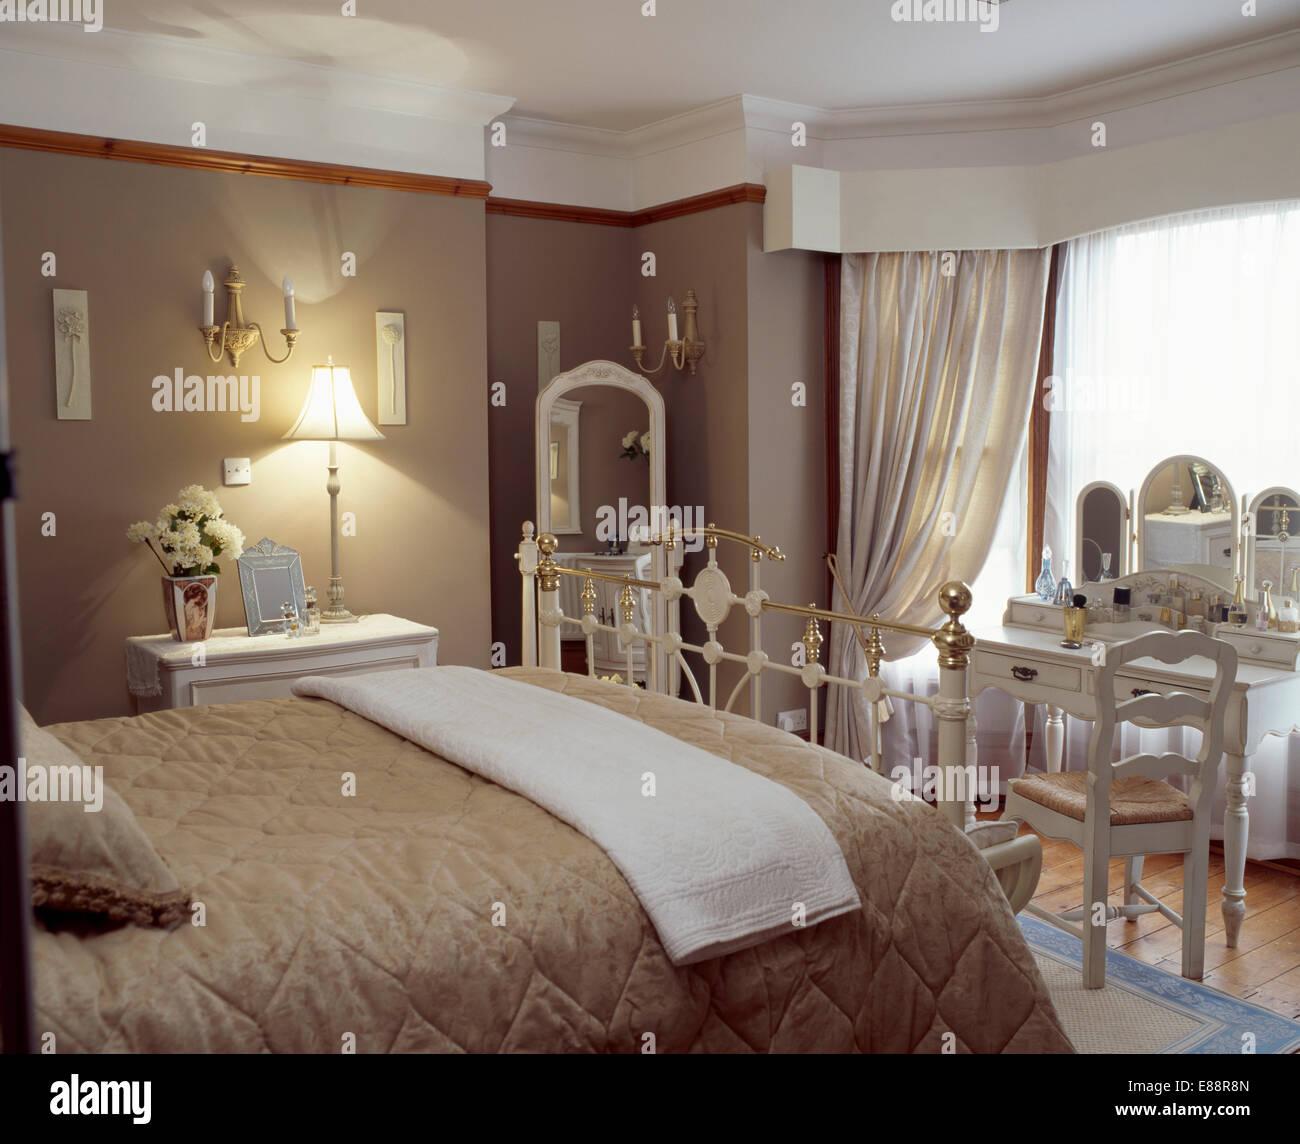 dunkel beige und creme werfen quilt auf messingbett in beige mit lampe - Hngende Kopfteillampe